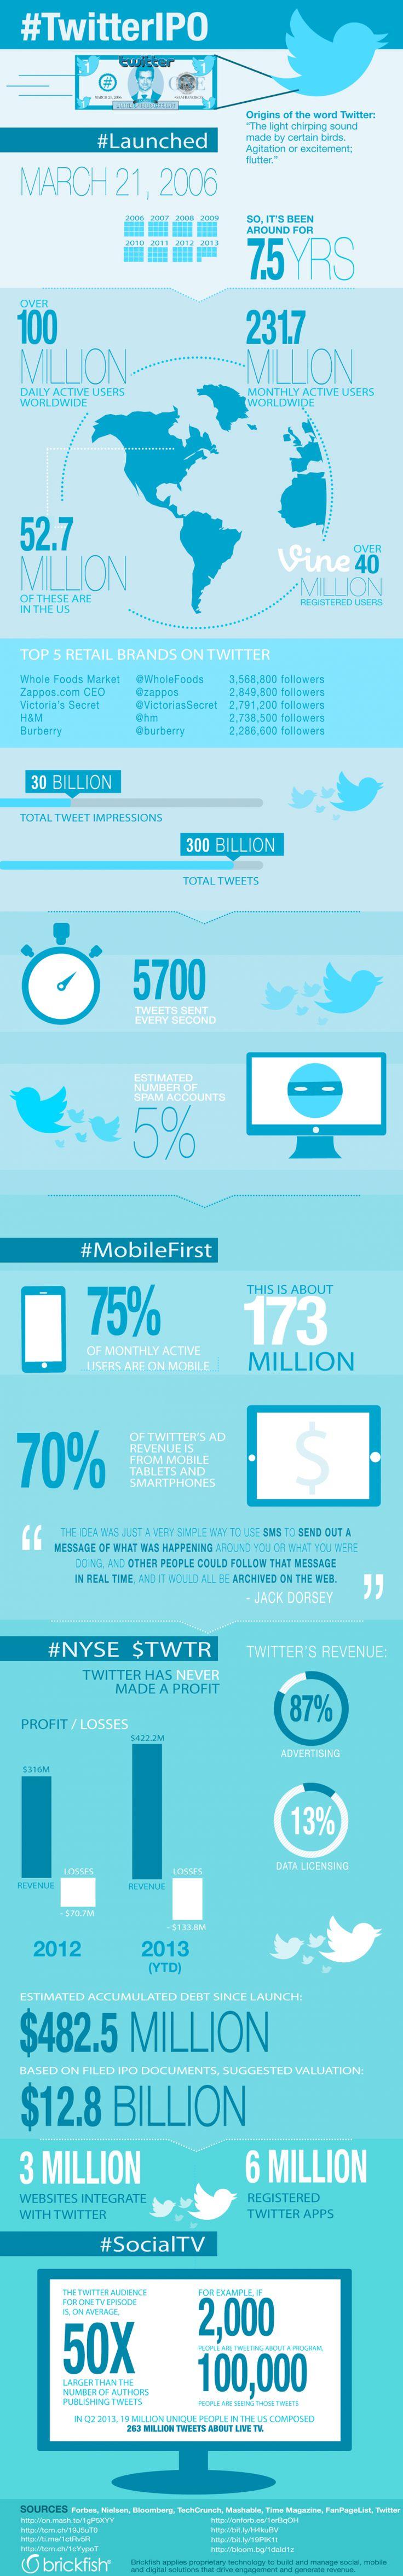 Eine Infographik mit Daten und Fakten zum Dienst Twitter.